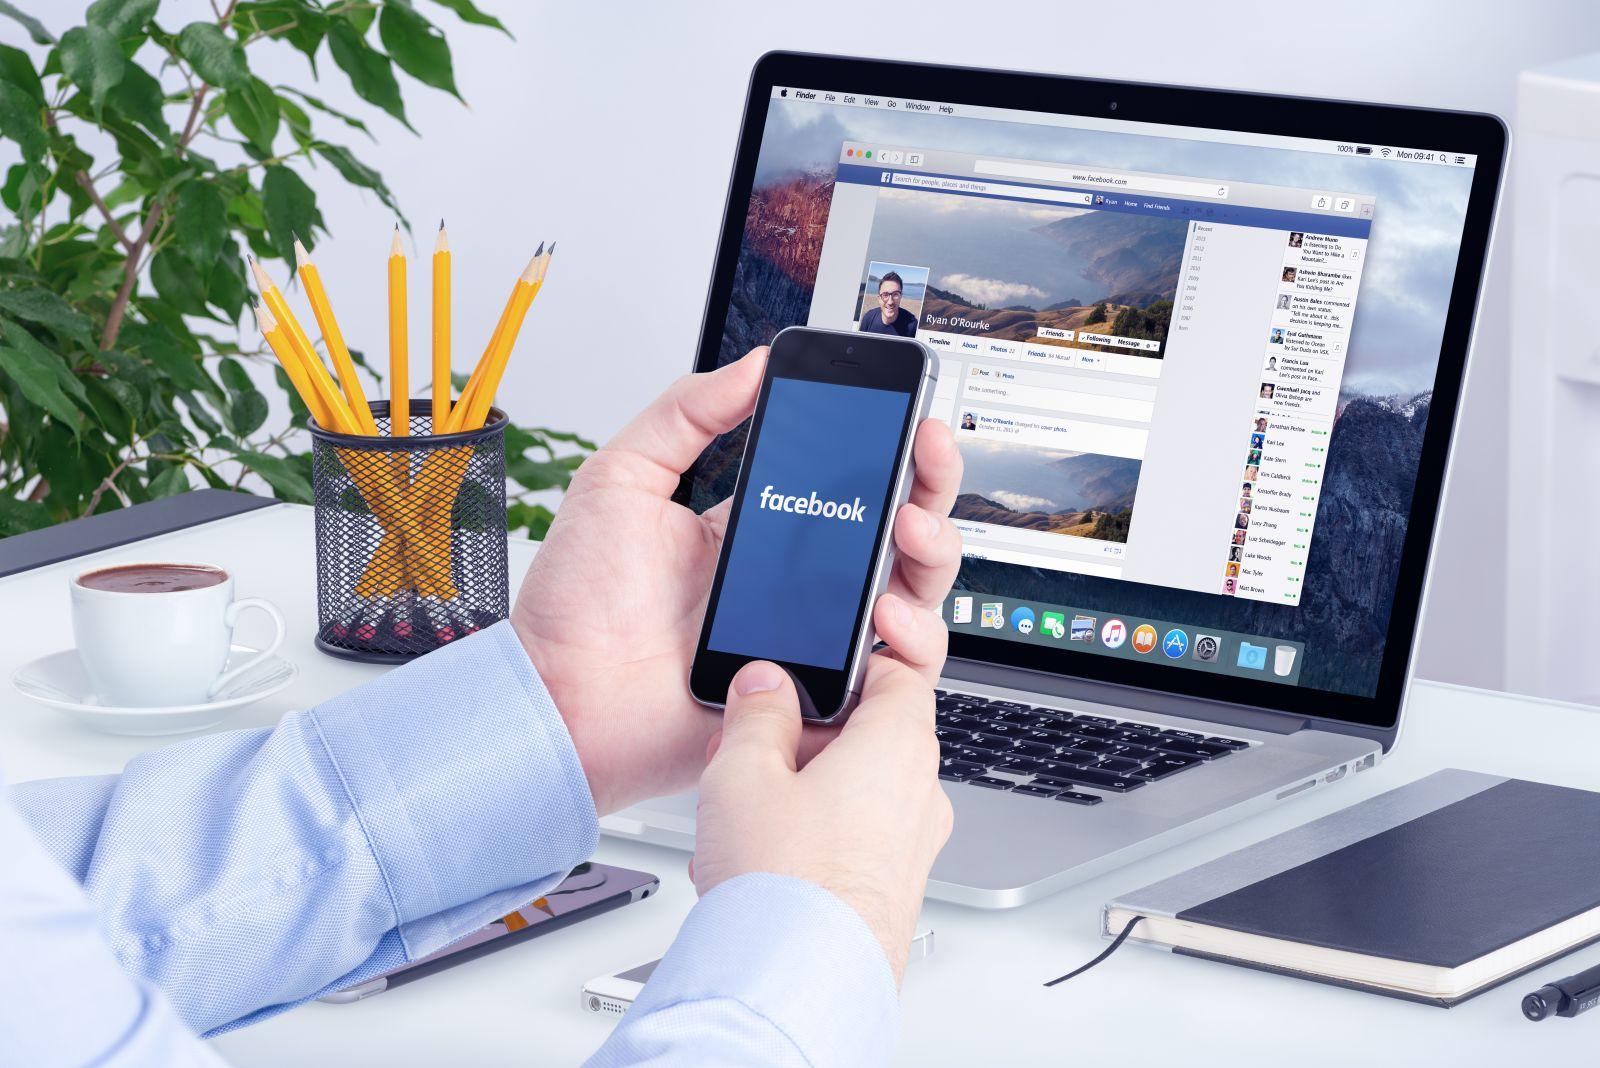 Mobil Reklam vasitəsi Facebook Creative Hub nədir? Nə işə yarayır?